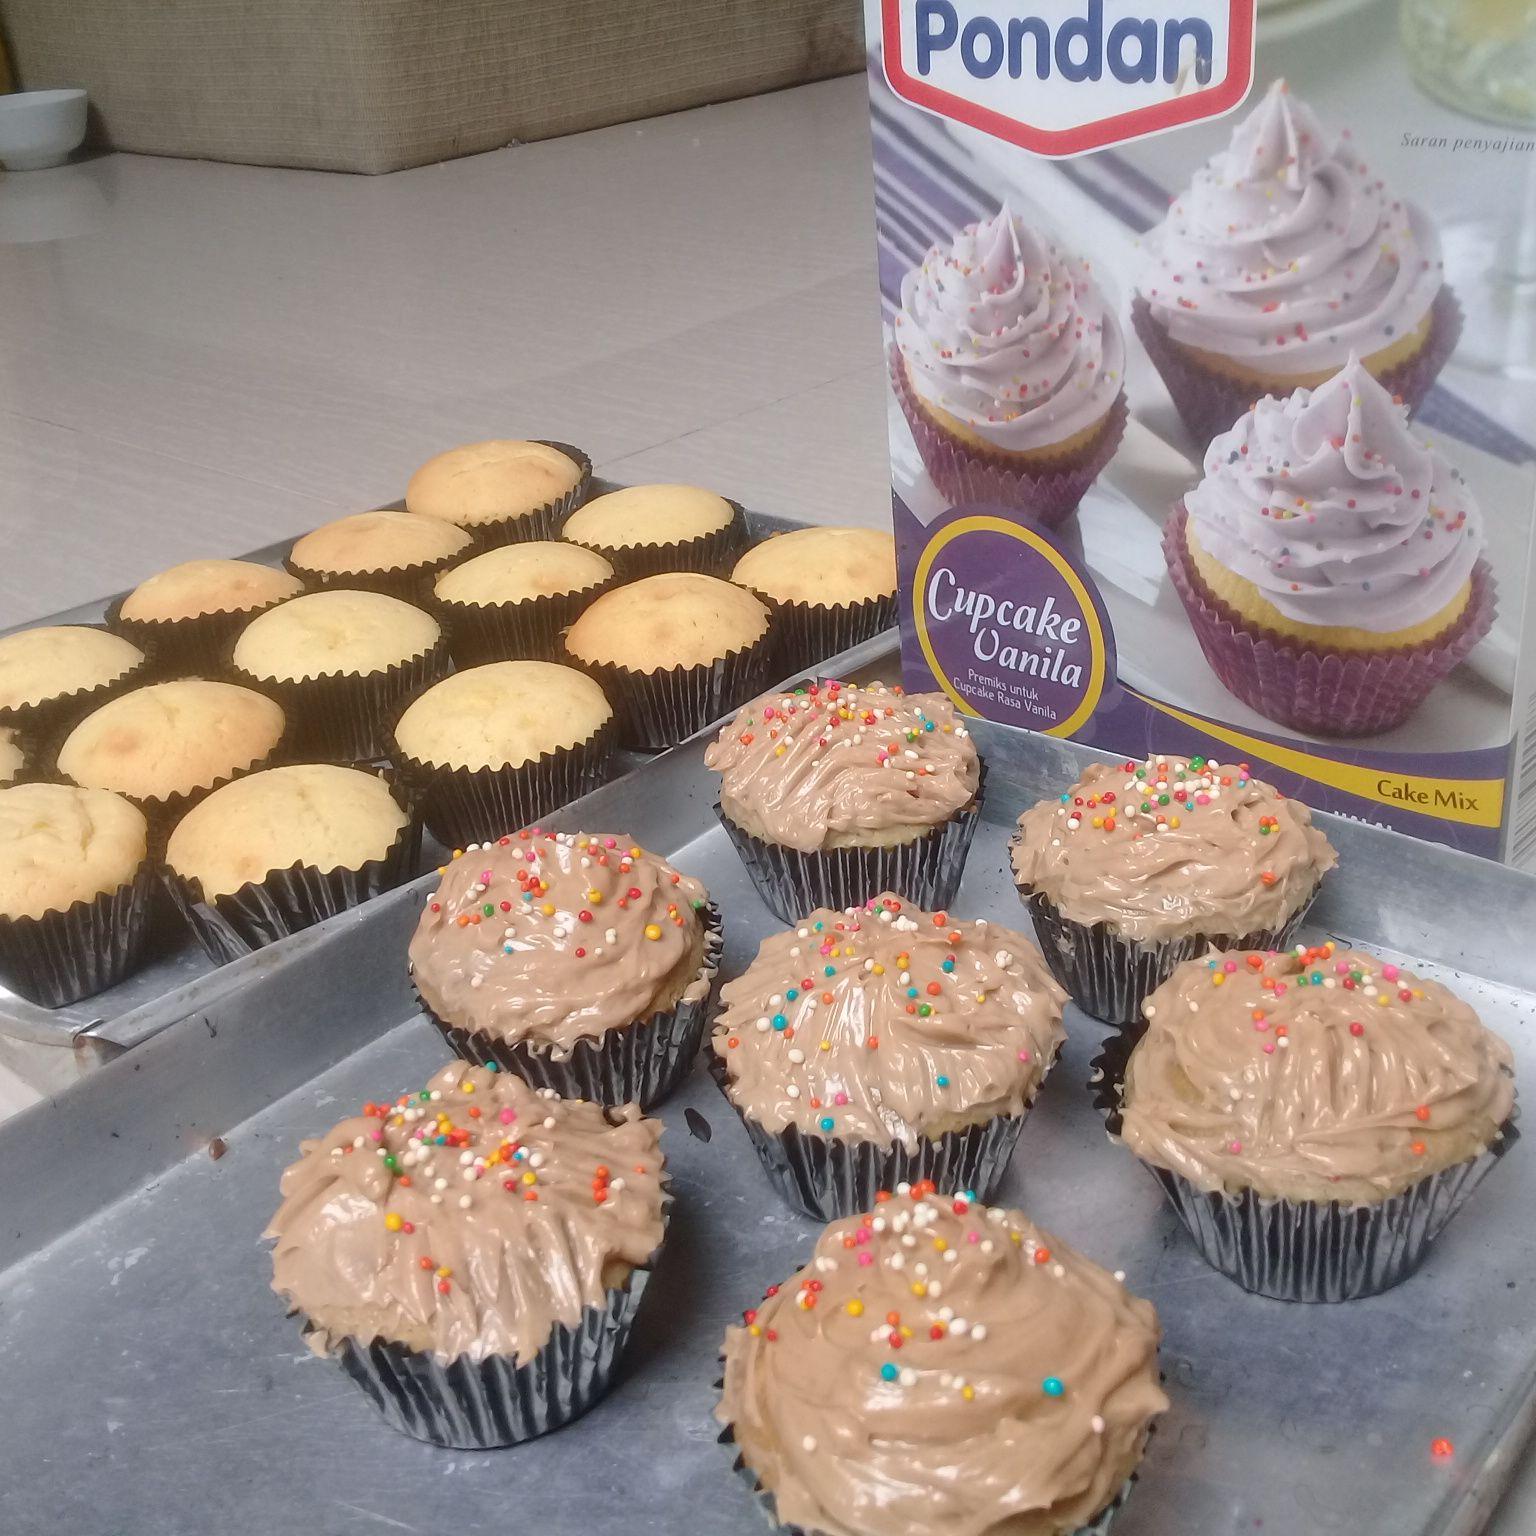 image review Pondan Cupcake